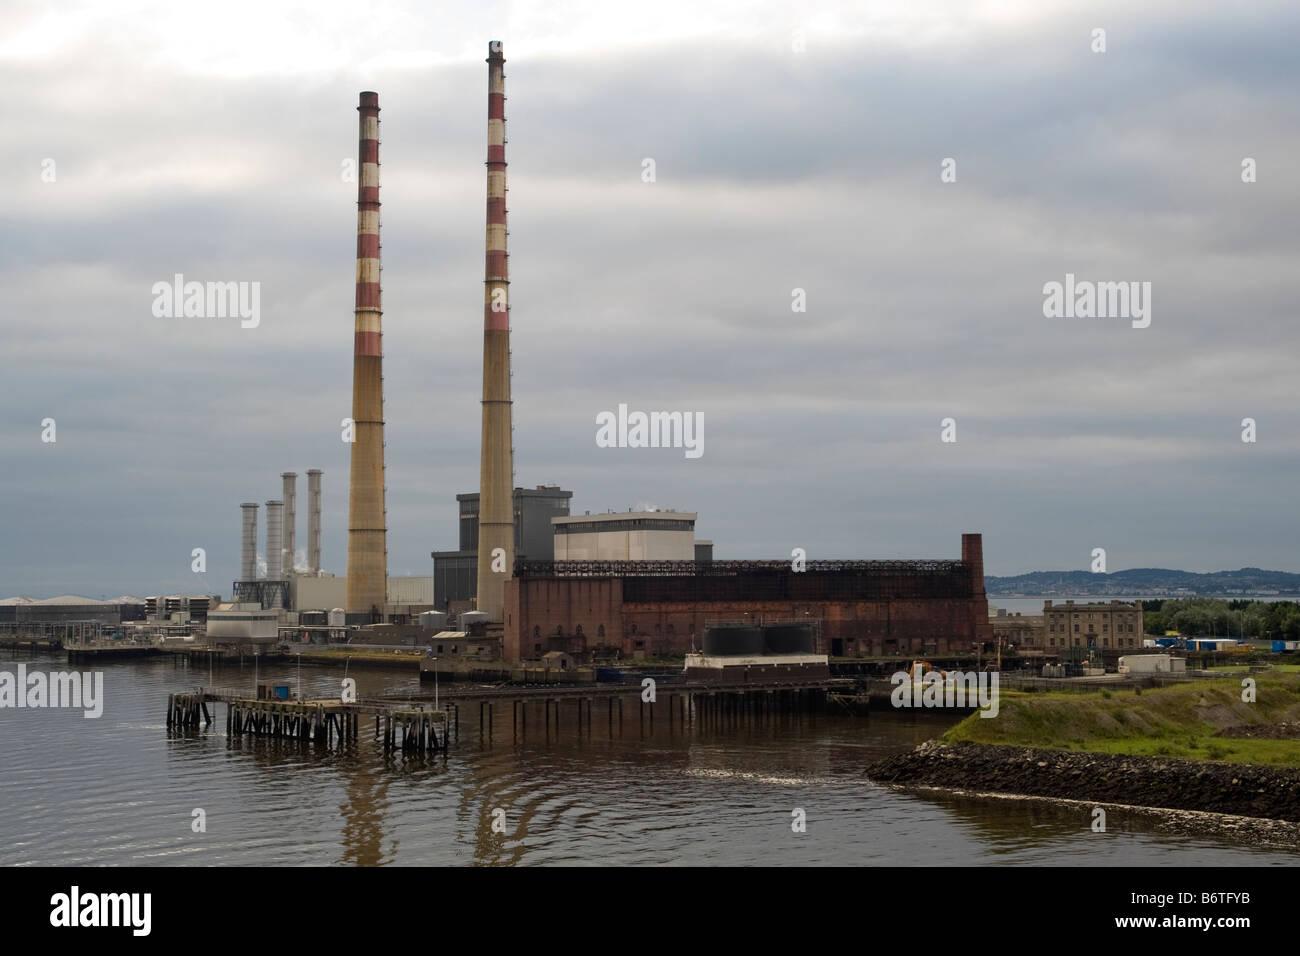 Estación generadora Poolbeg, Ringsend, Dublín. Las chimeneas son 207 metros de altura. Foto de stock